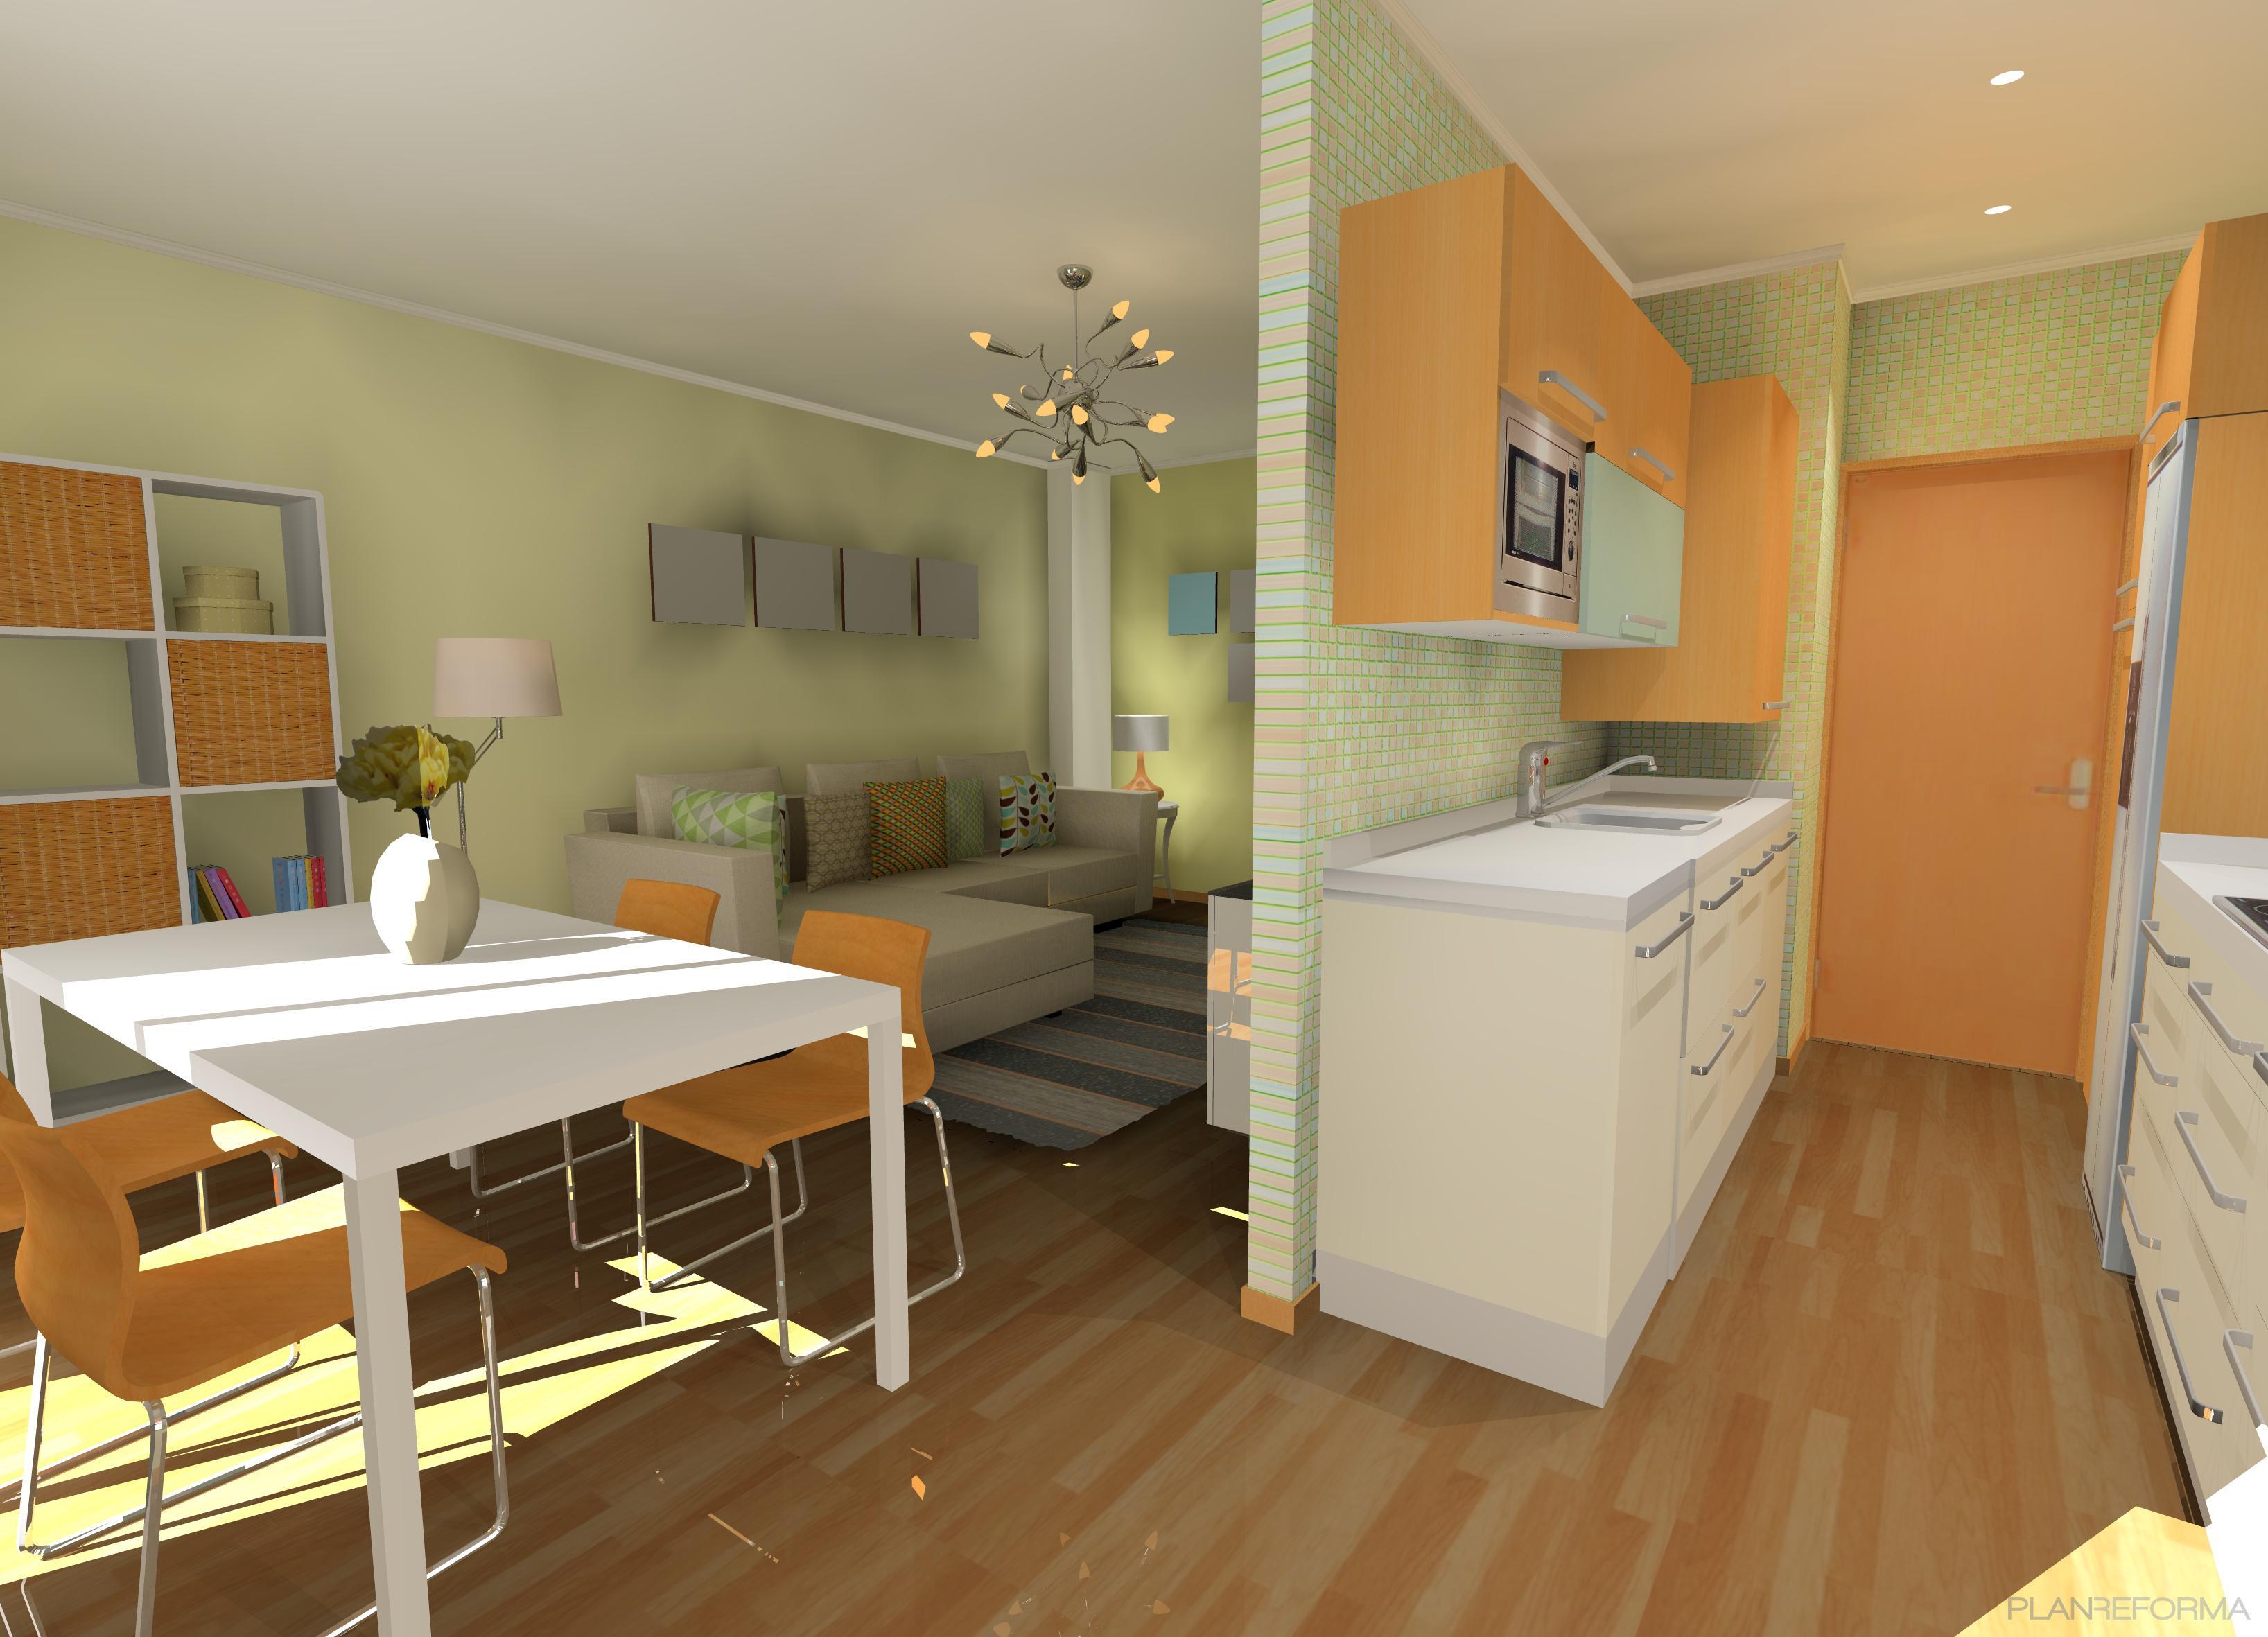 Comedor cocina salon estilo contemporaneo color ocre - Cocina salon comedor ...